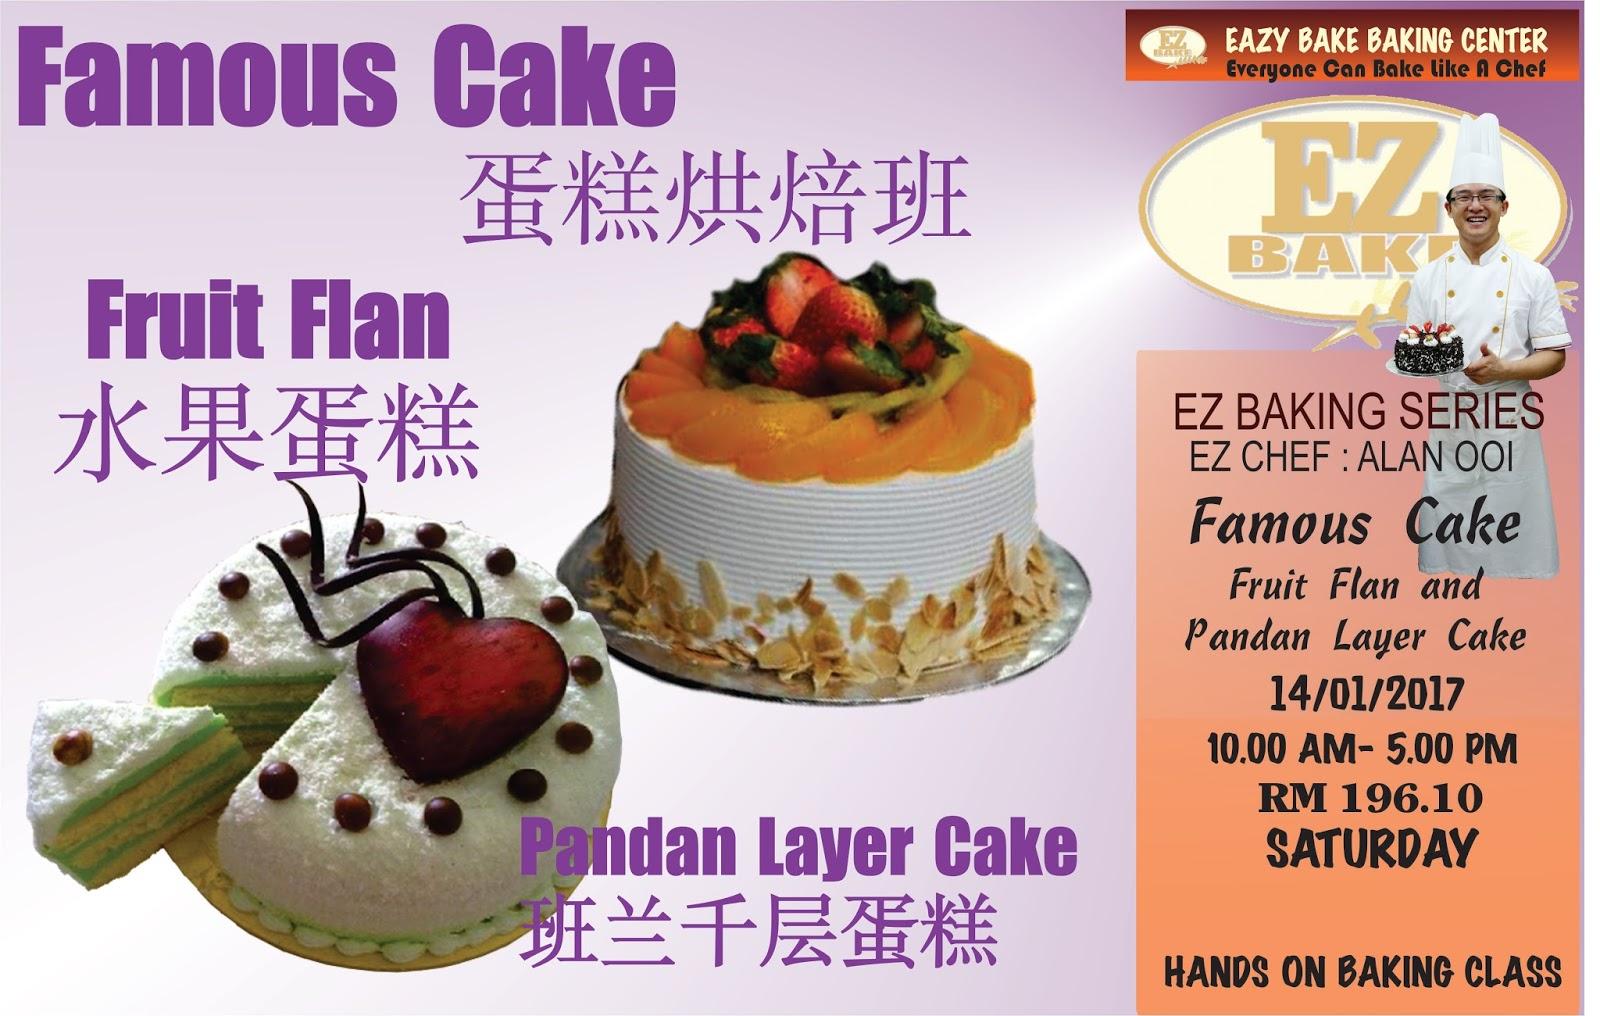 Fruit Flan Cake Decoration : Baking Class in Penang: FRUIT FLAN & PANDAN LAYER CAKE ...